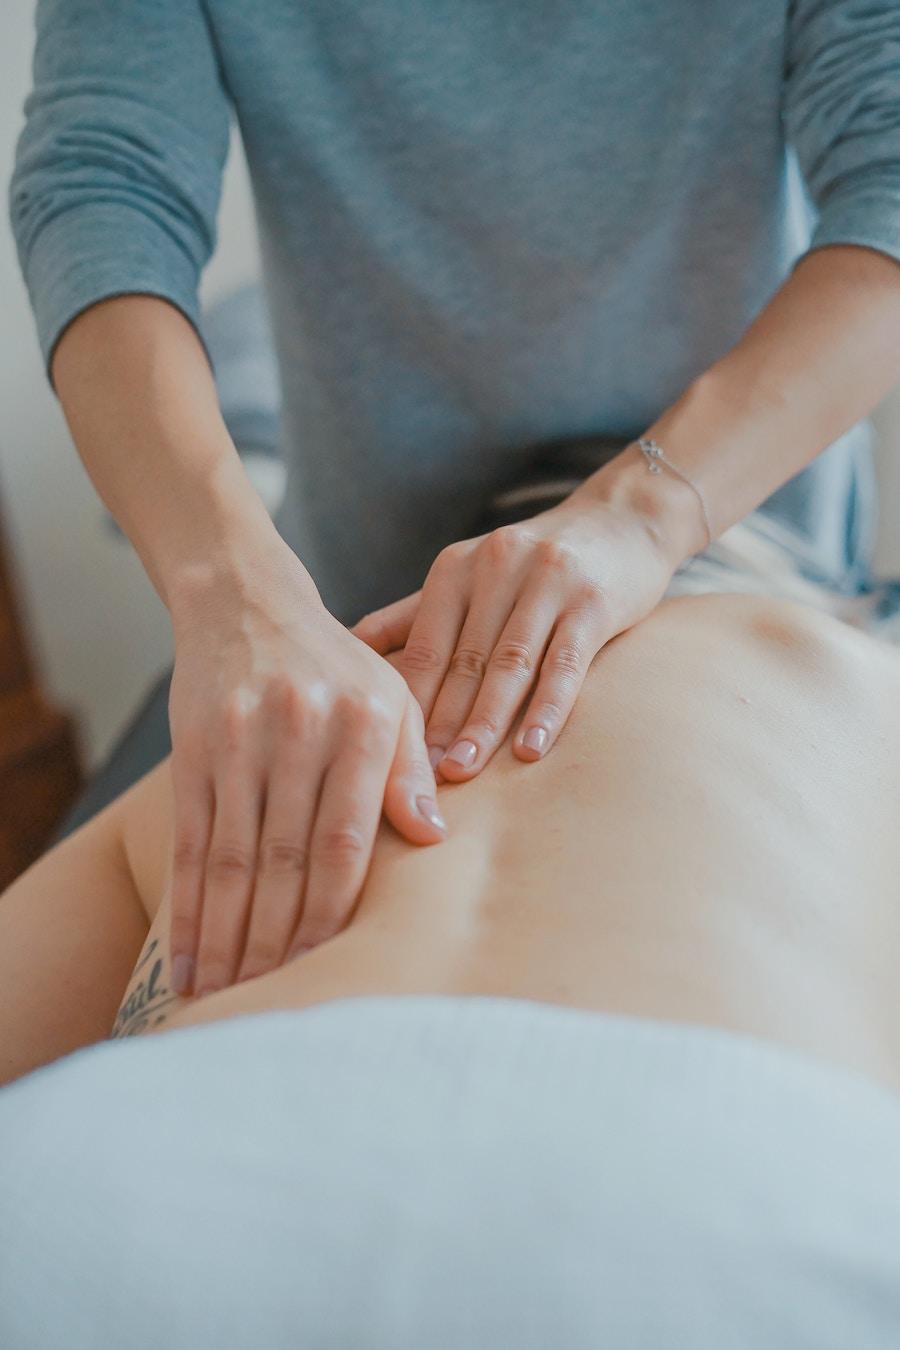 body 2 body massage malmö